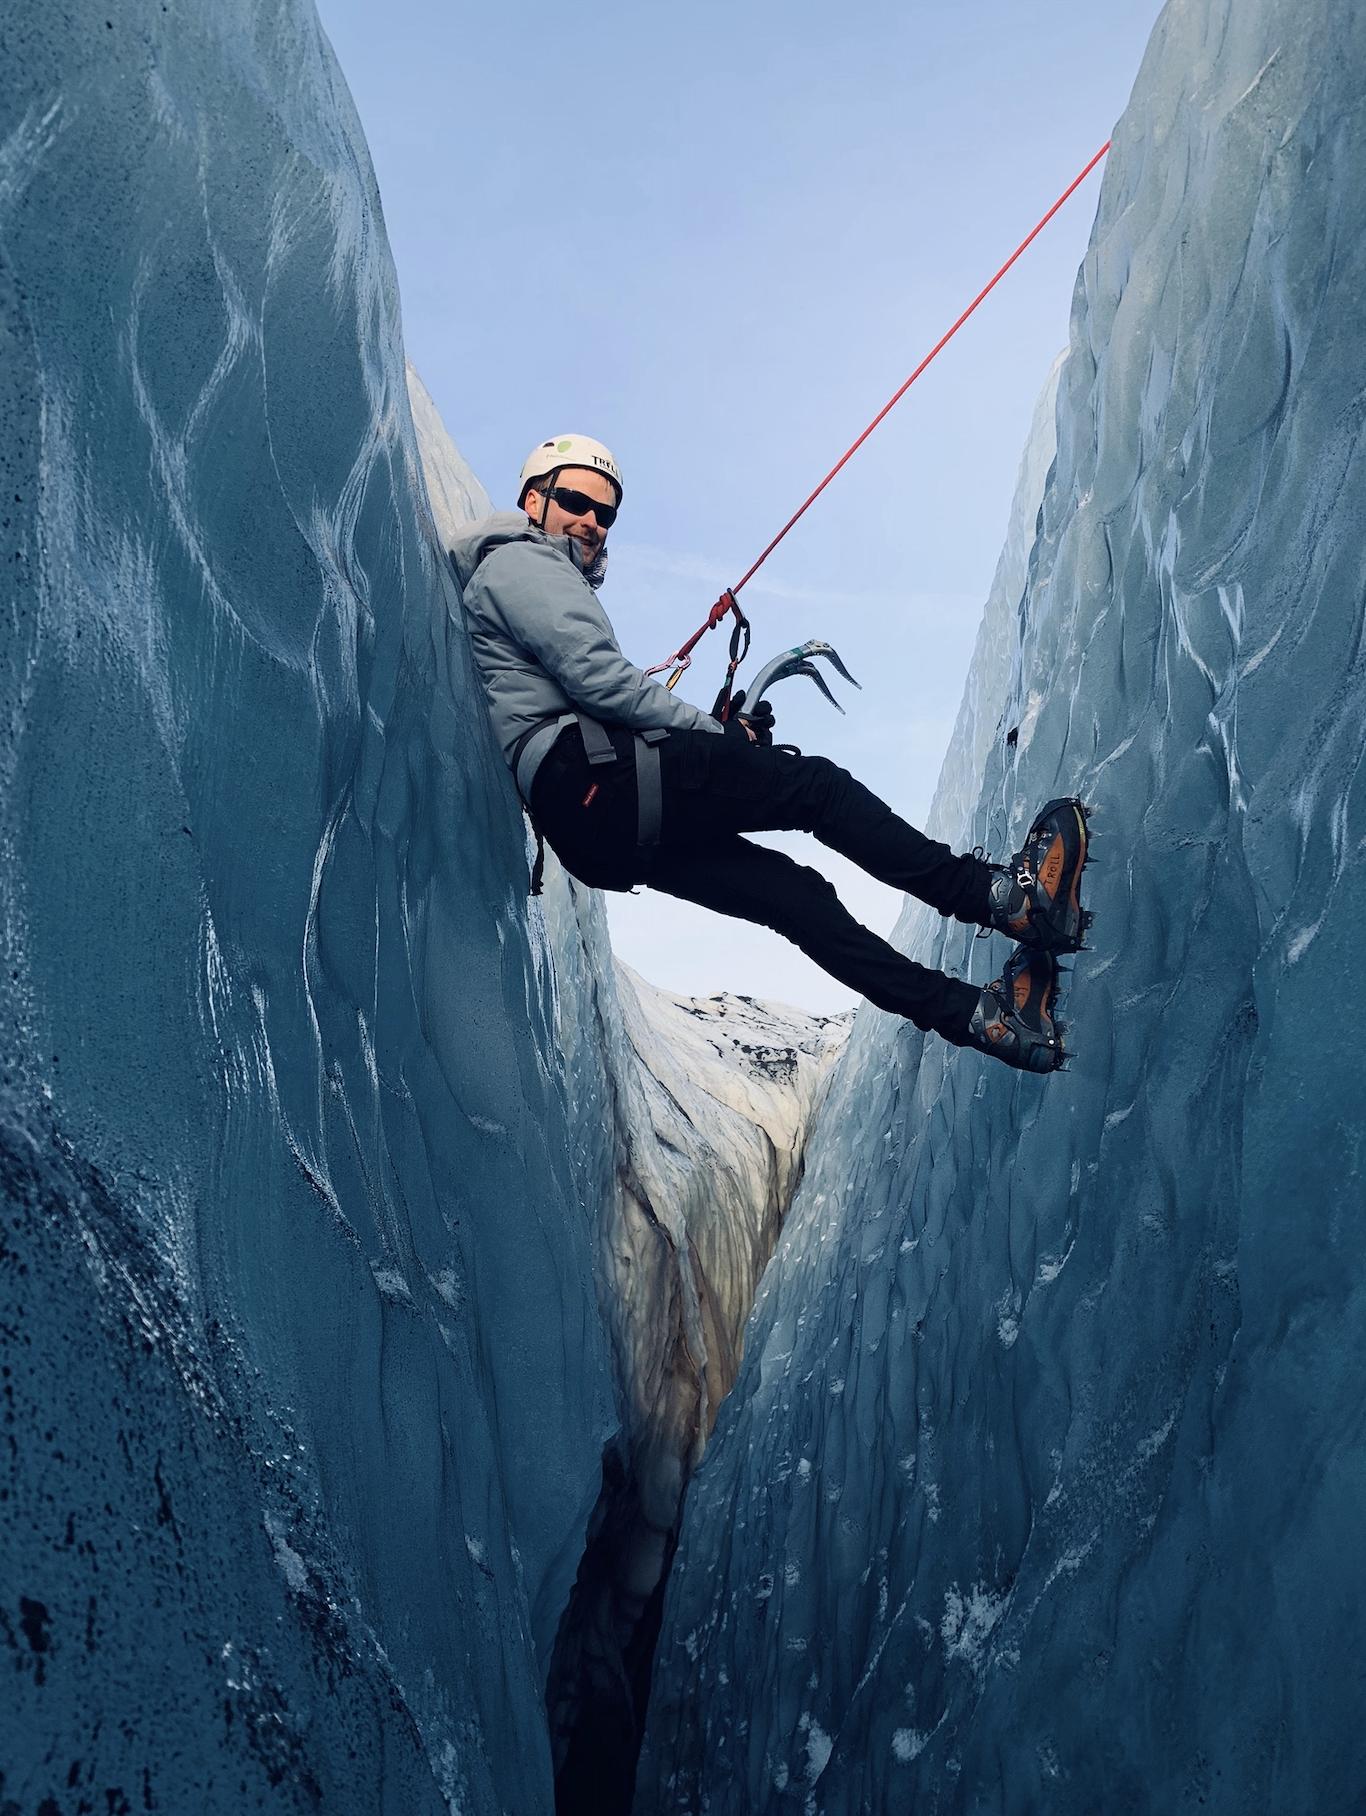 솔헤이마요쿨 빙벽등반 및 빙하하이킹